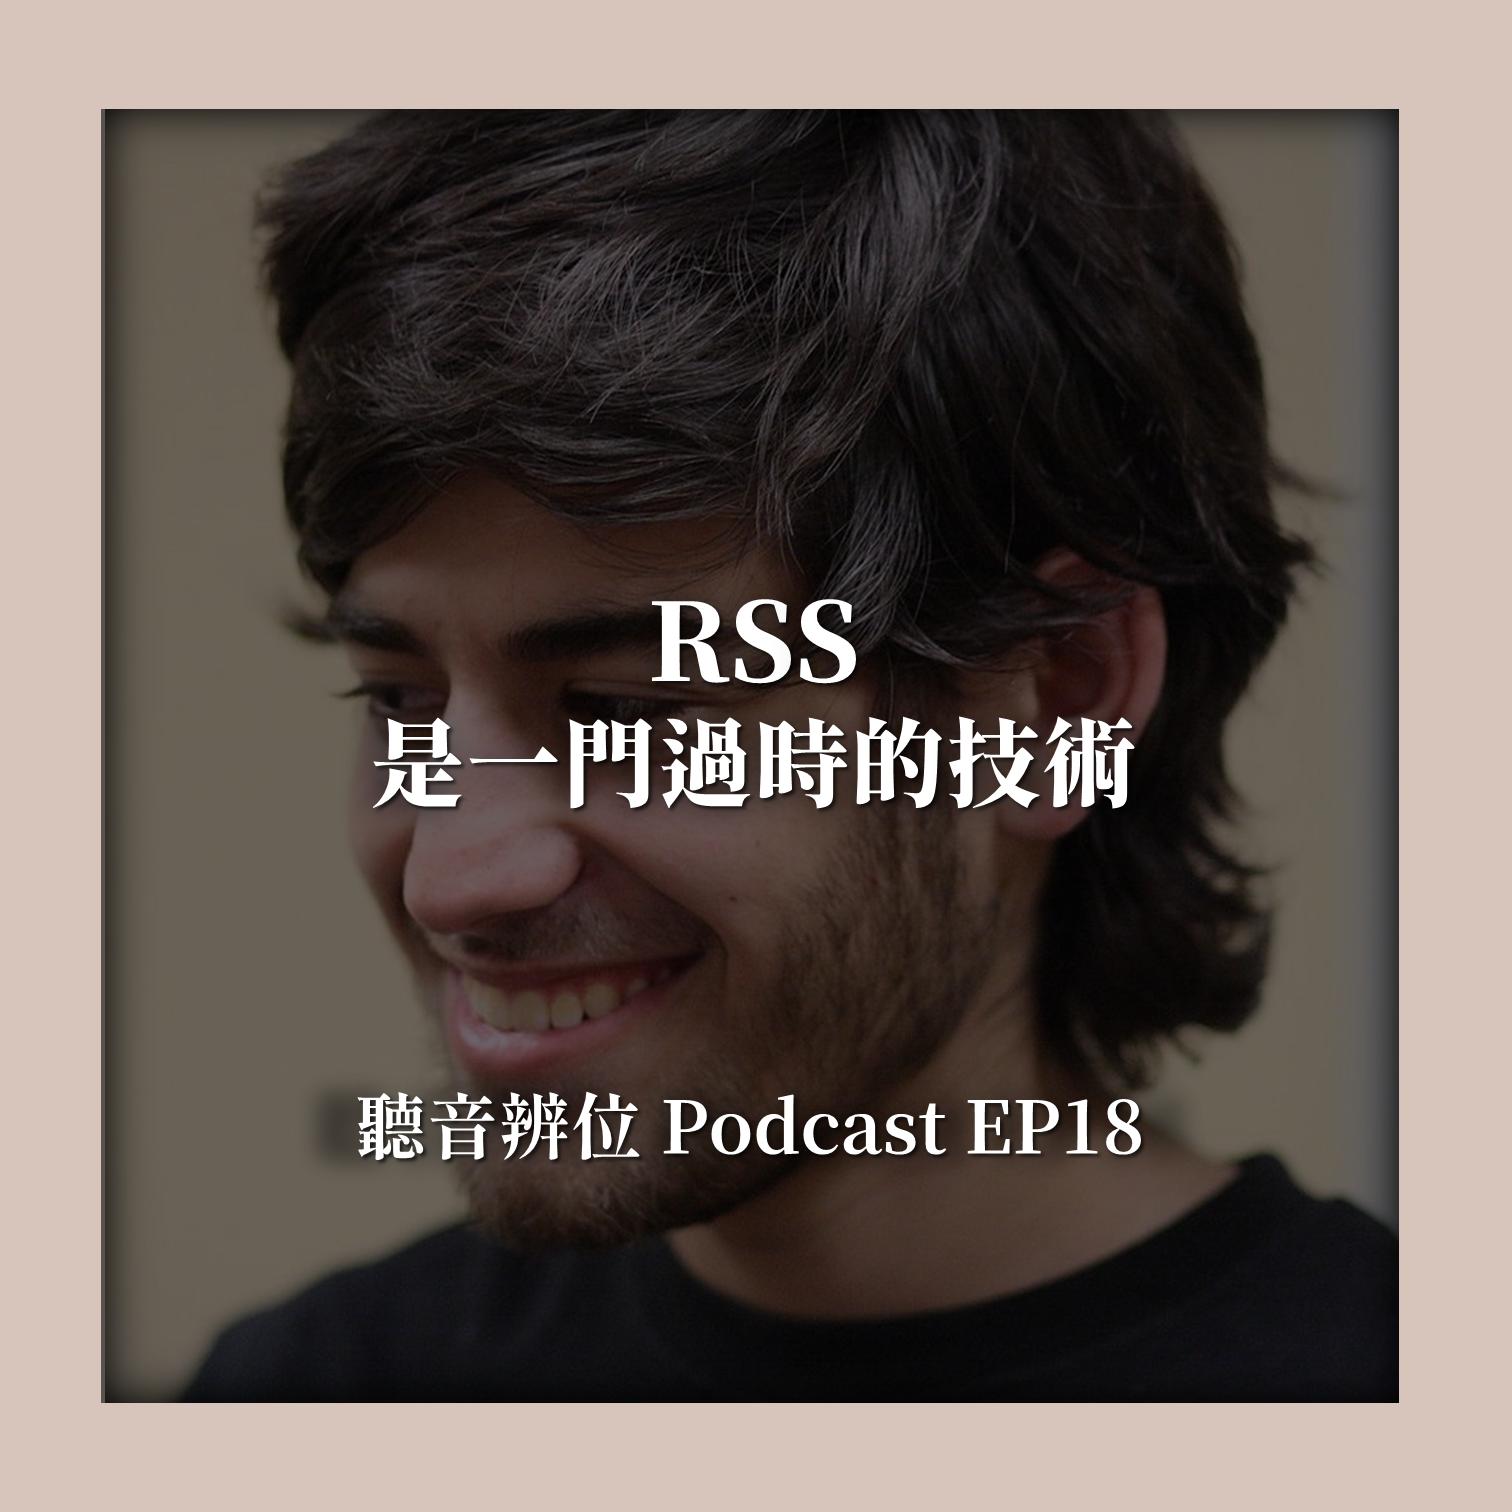 EP18 RSS 是一門過時的技術